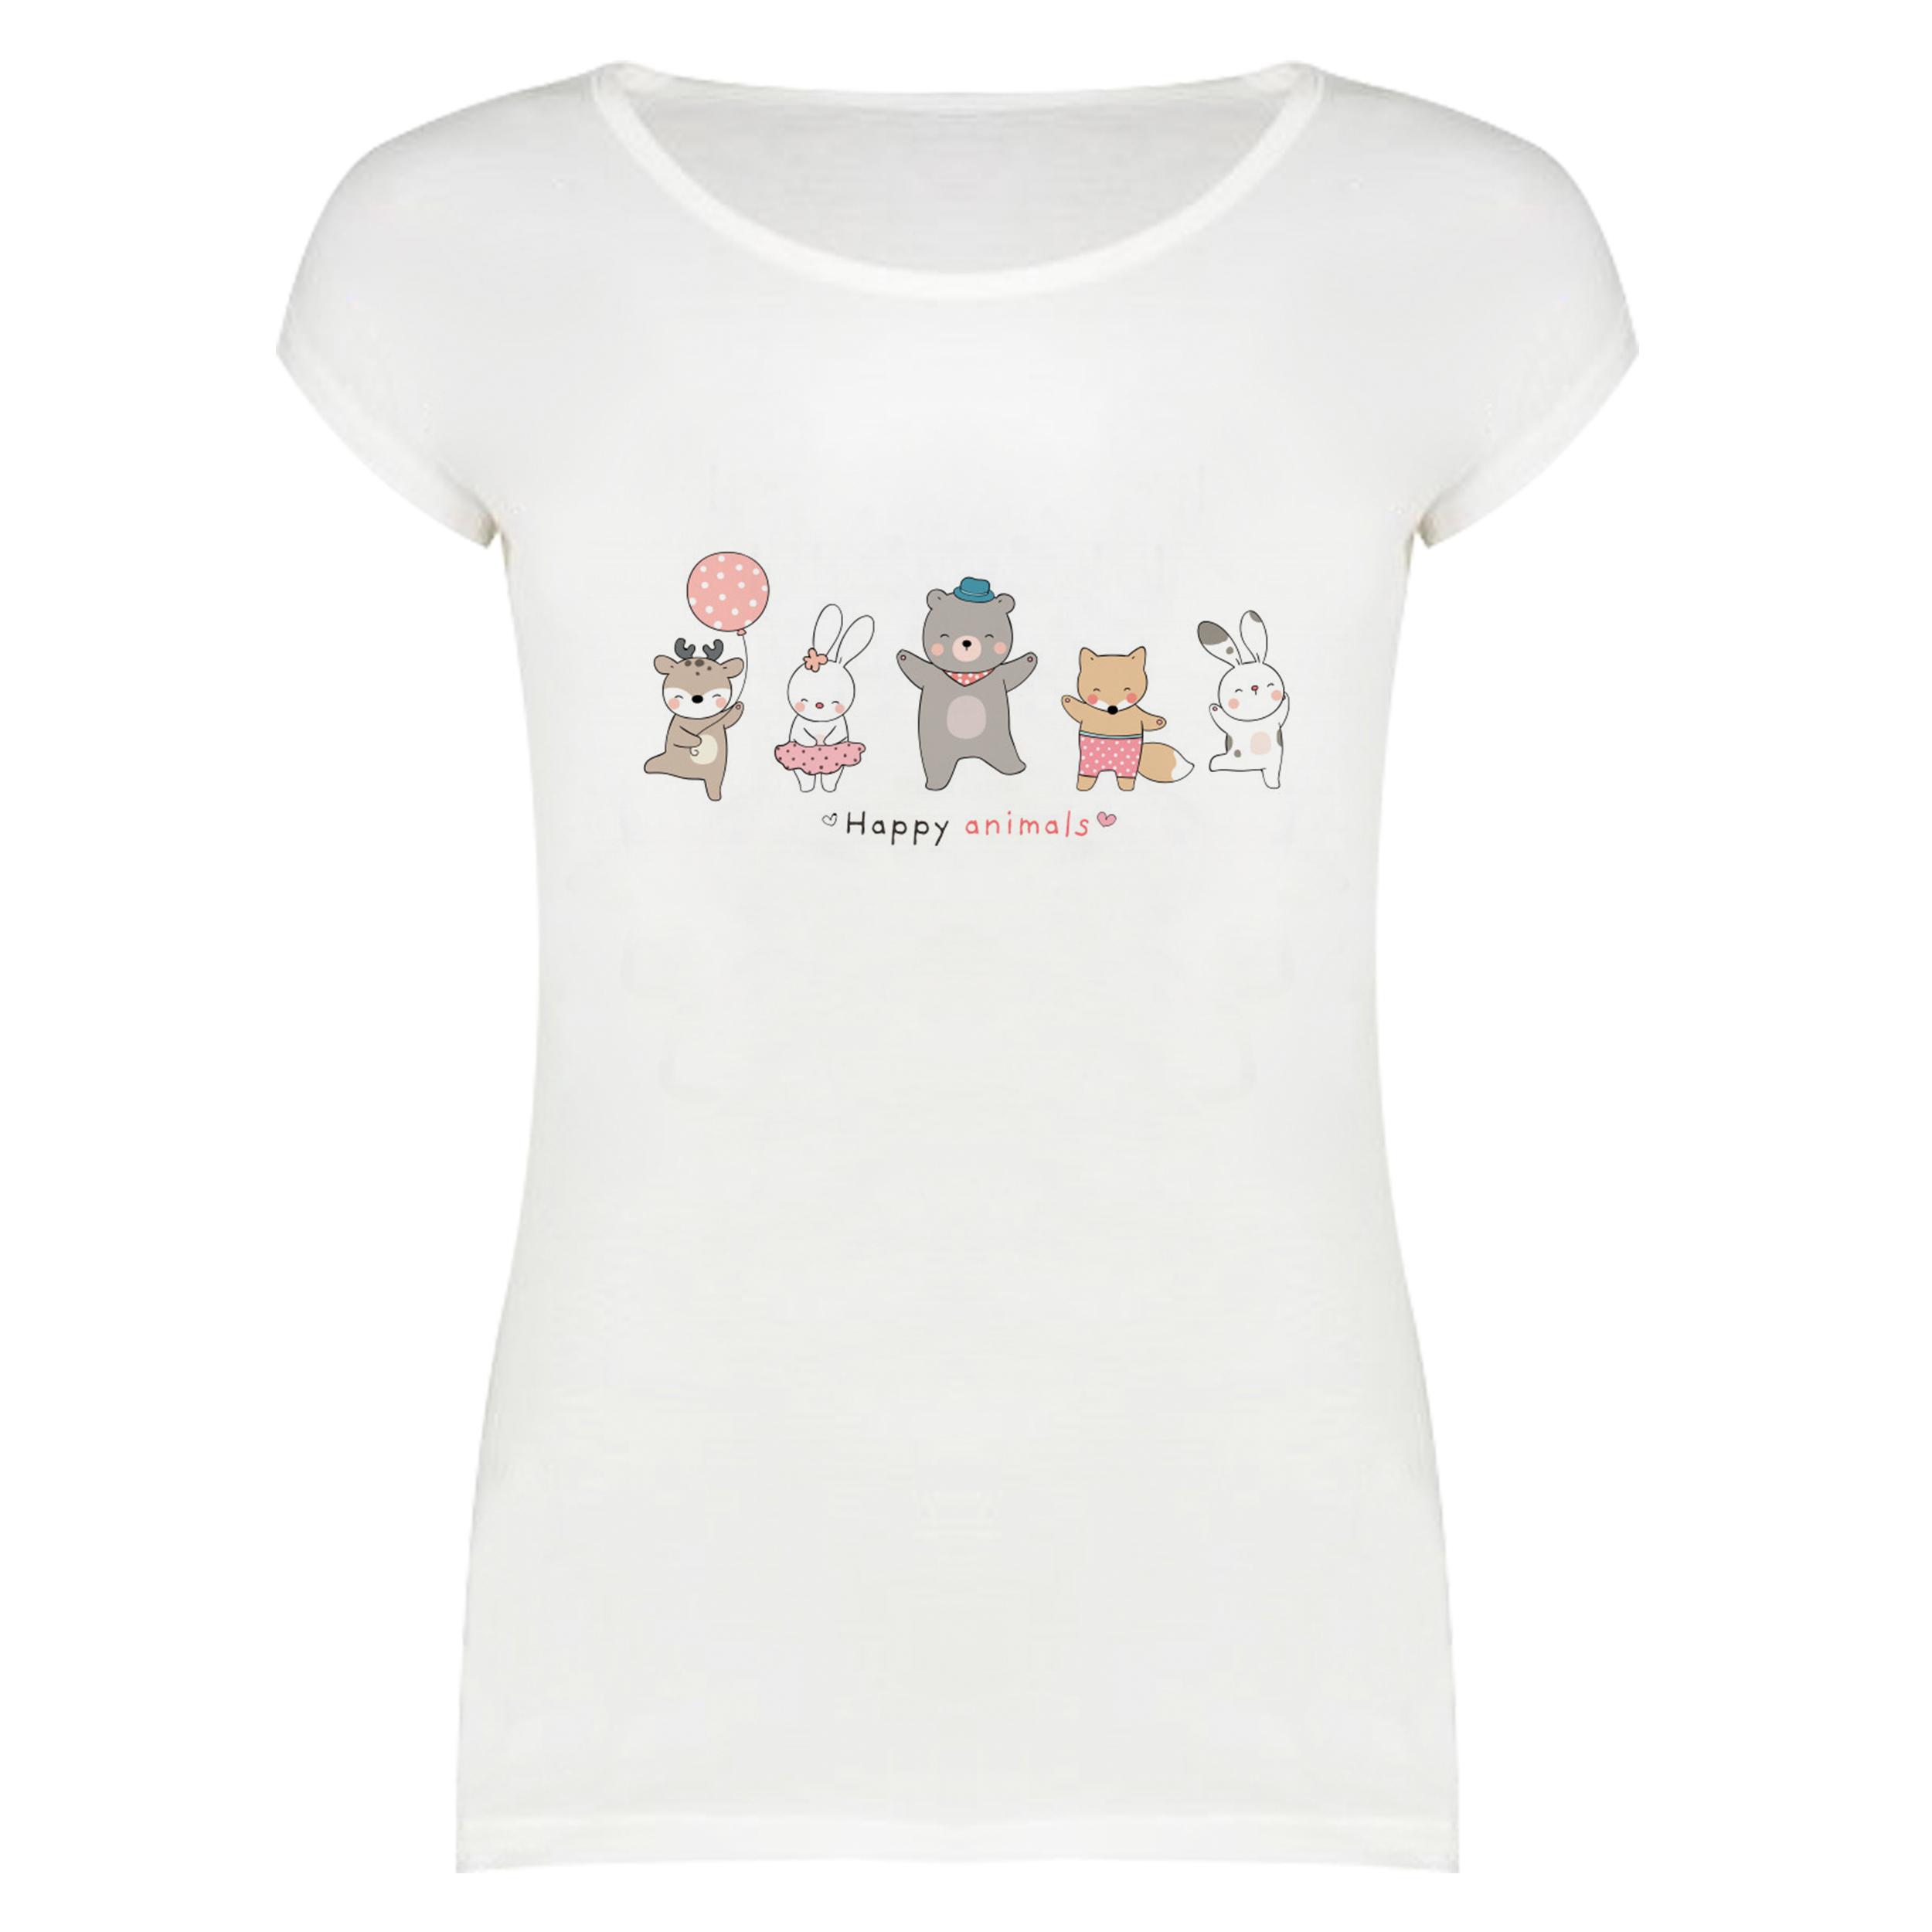 تی شرت آستین کوتاه زنانه مدل هپی کد f1454m